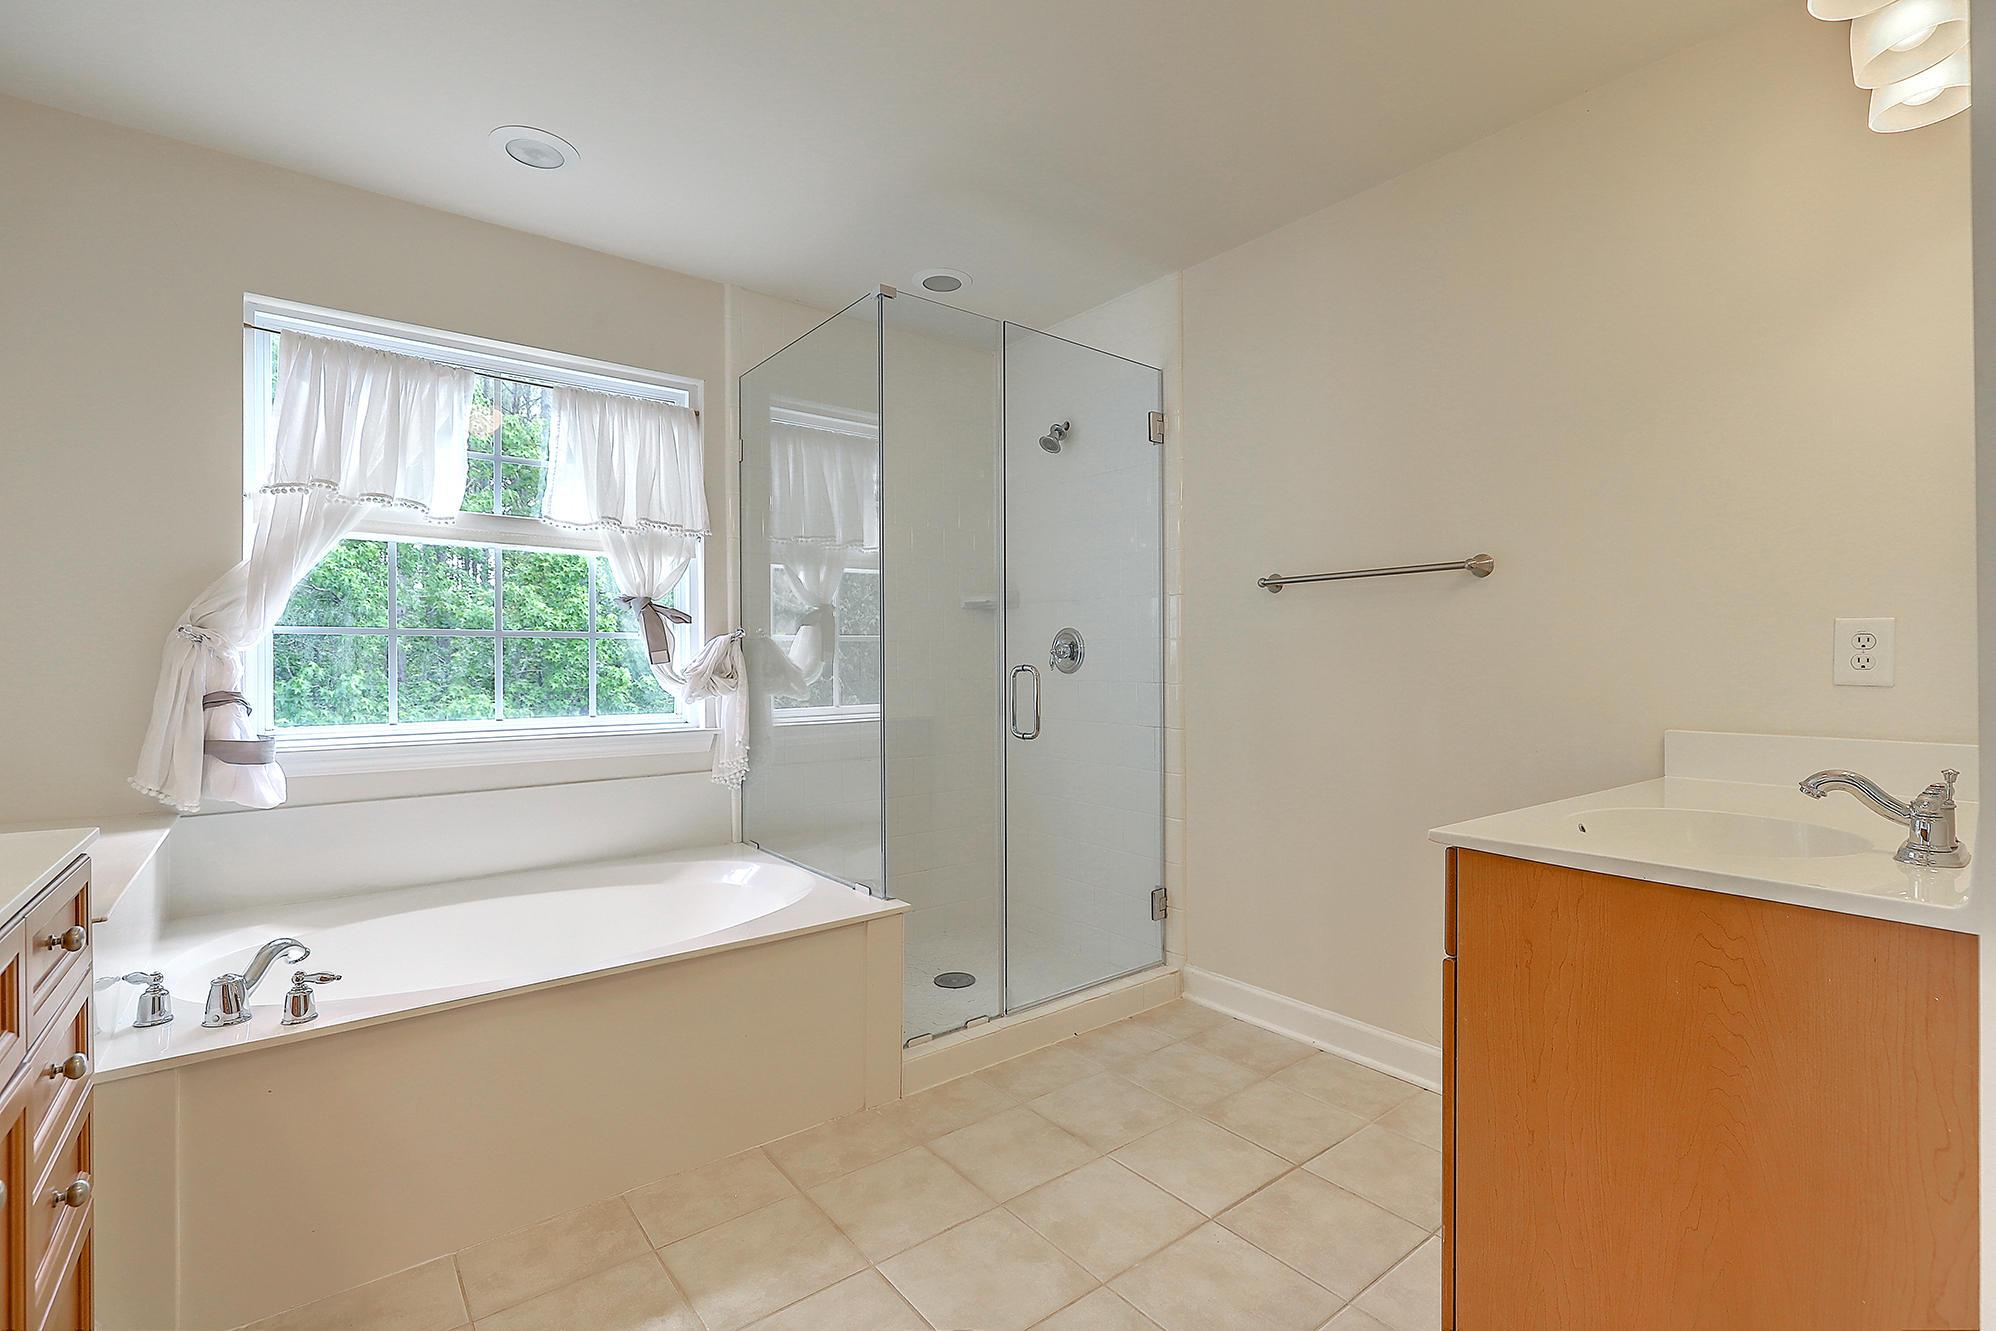 Kensington at Park West Homes For Sale - 3521 Claremont, Mount Pleasant, SC - 25